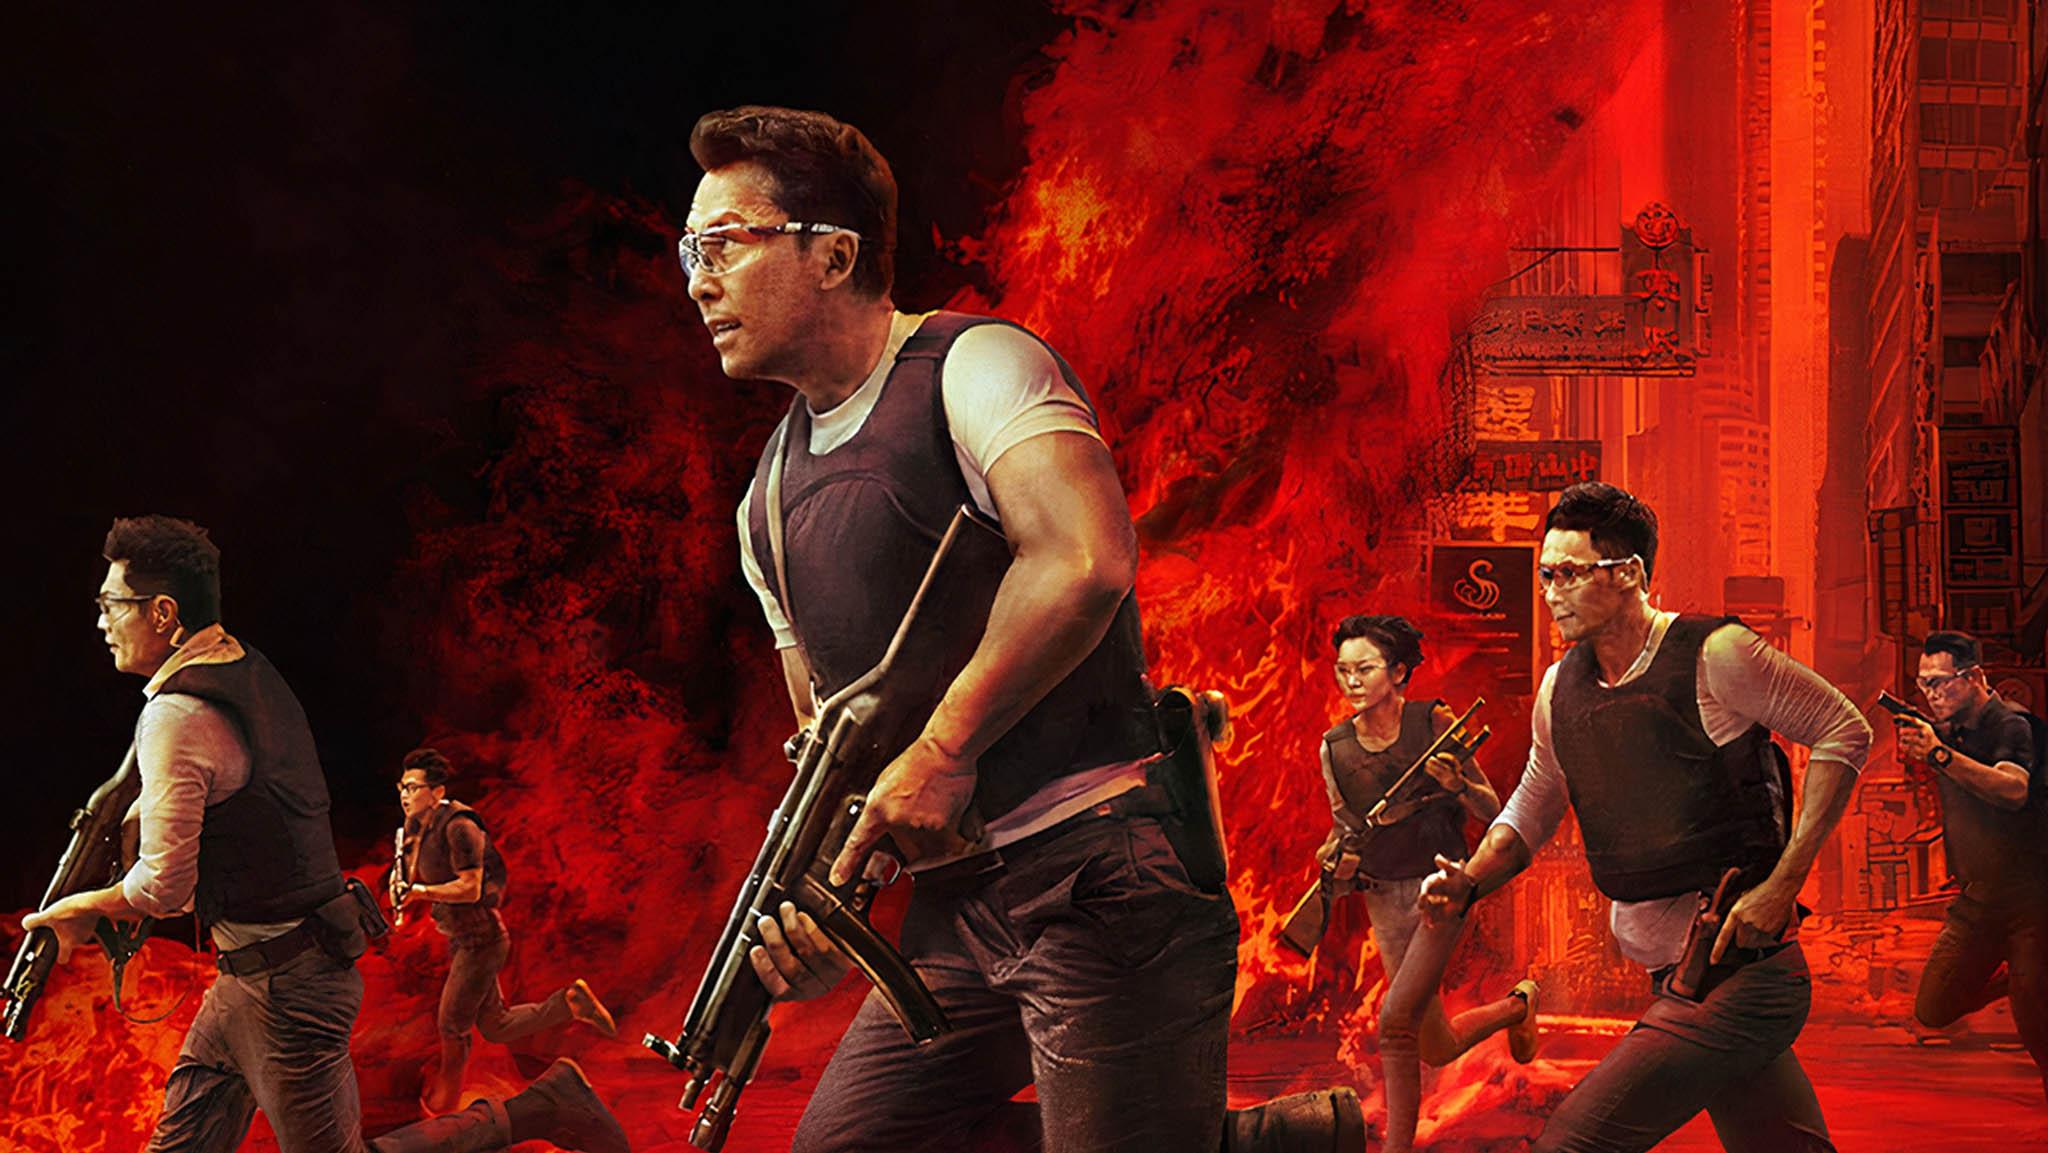 فيلم Raging Fire 2021 مترجم